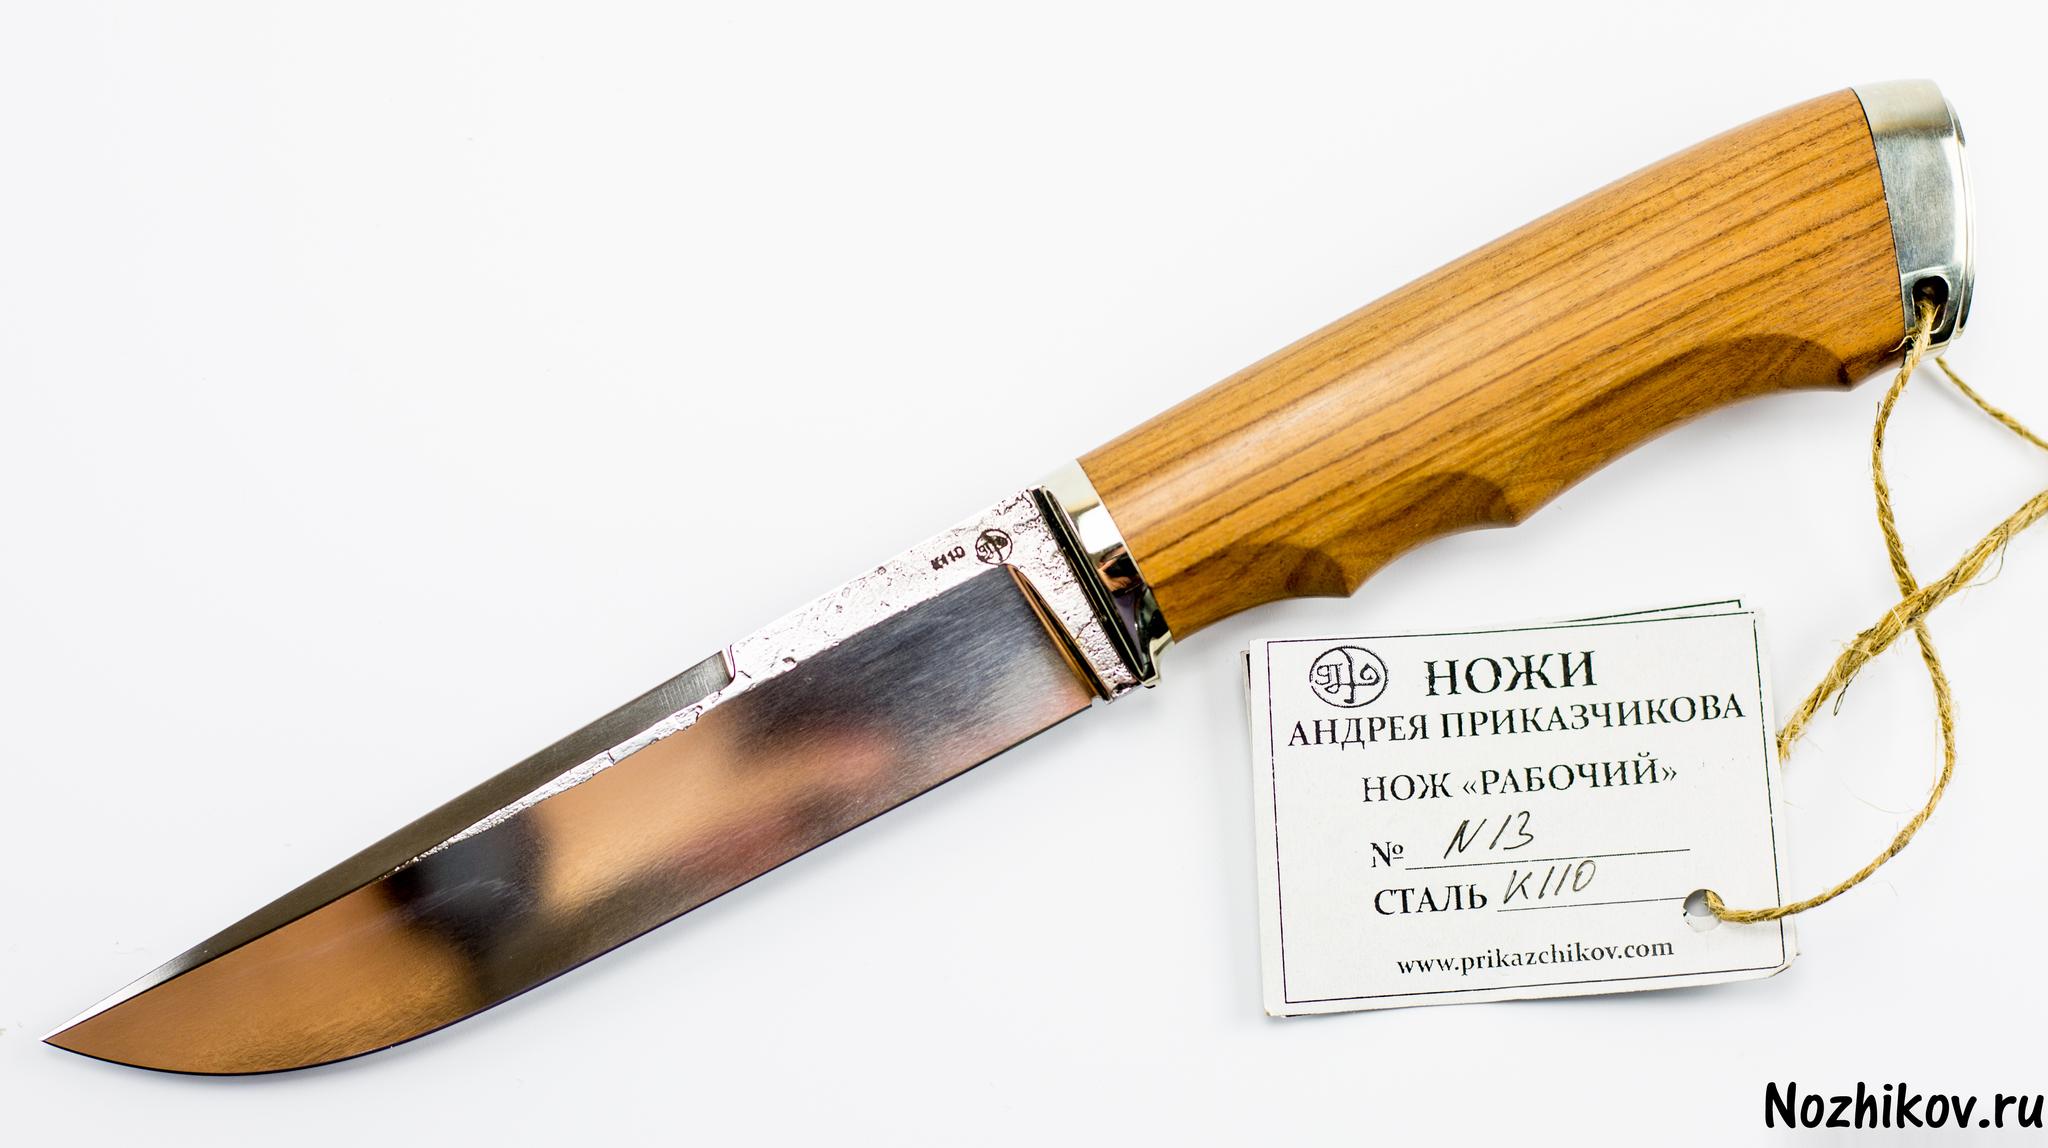 Нож Рабочий №13 из K110, от ПриказчиковаНожи Павлово<br><br>